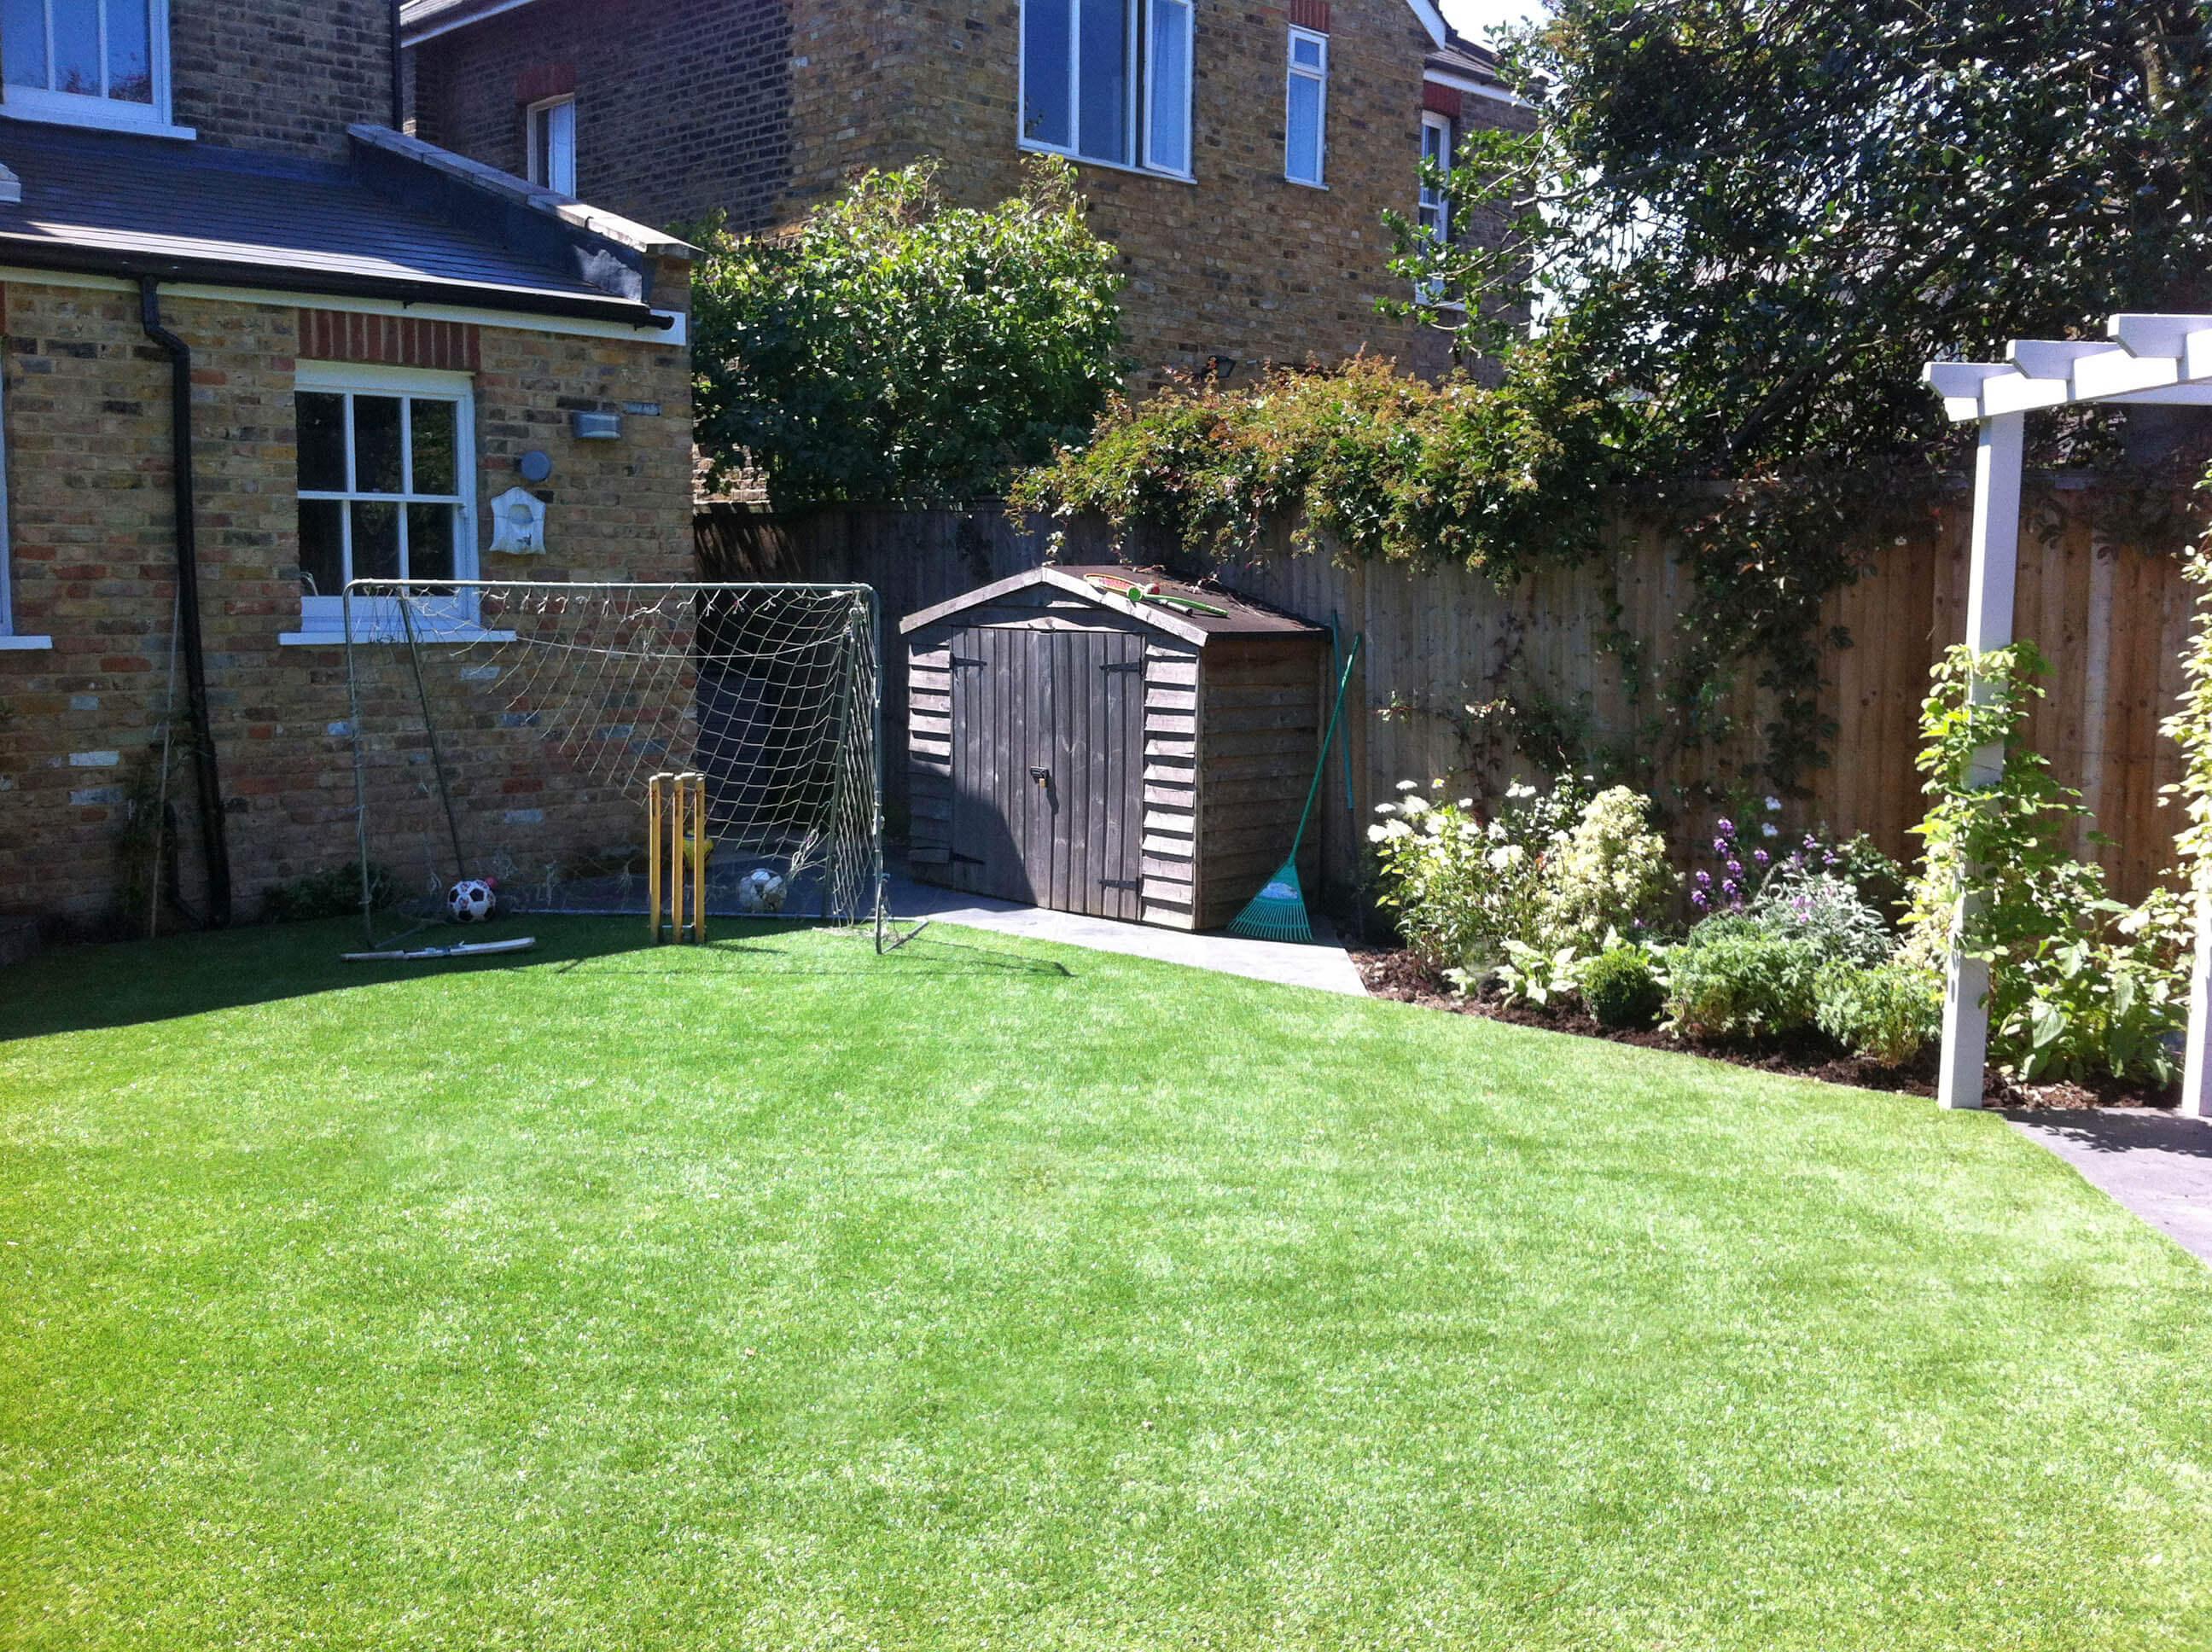 3. Pippa's family garden